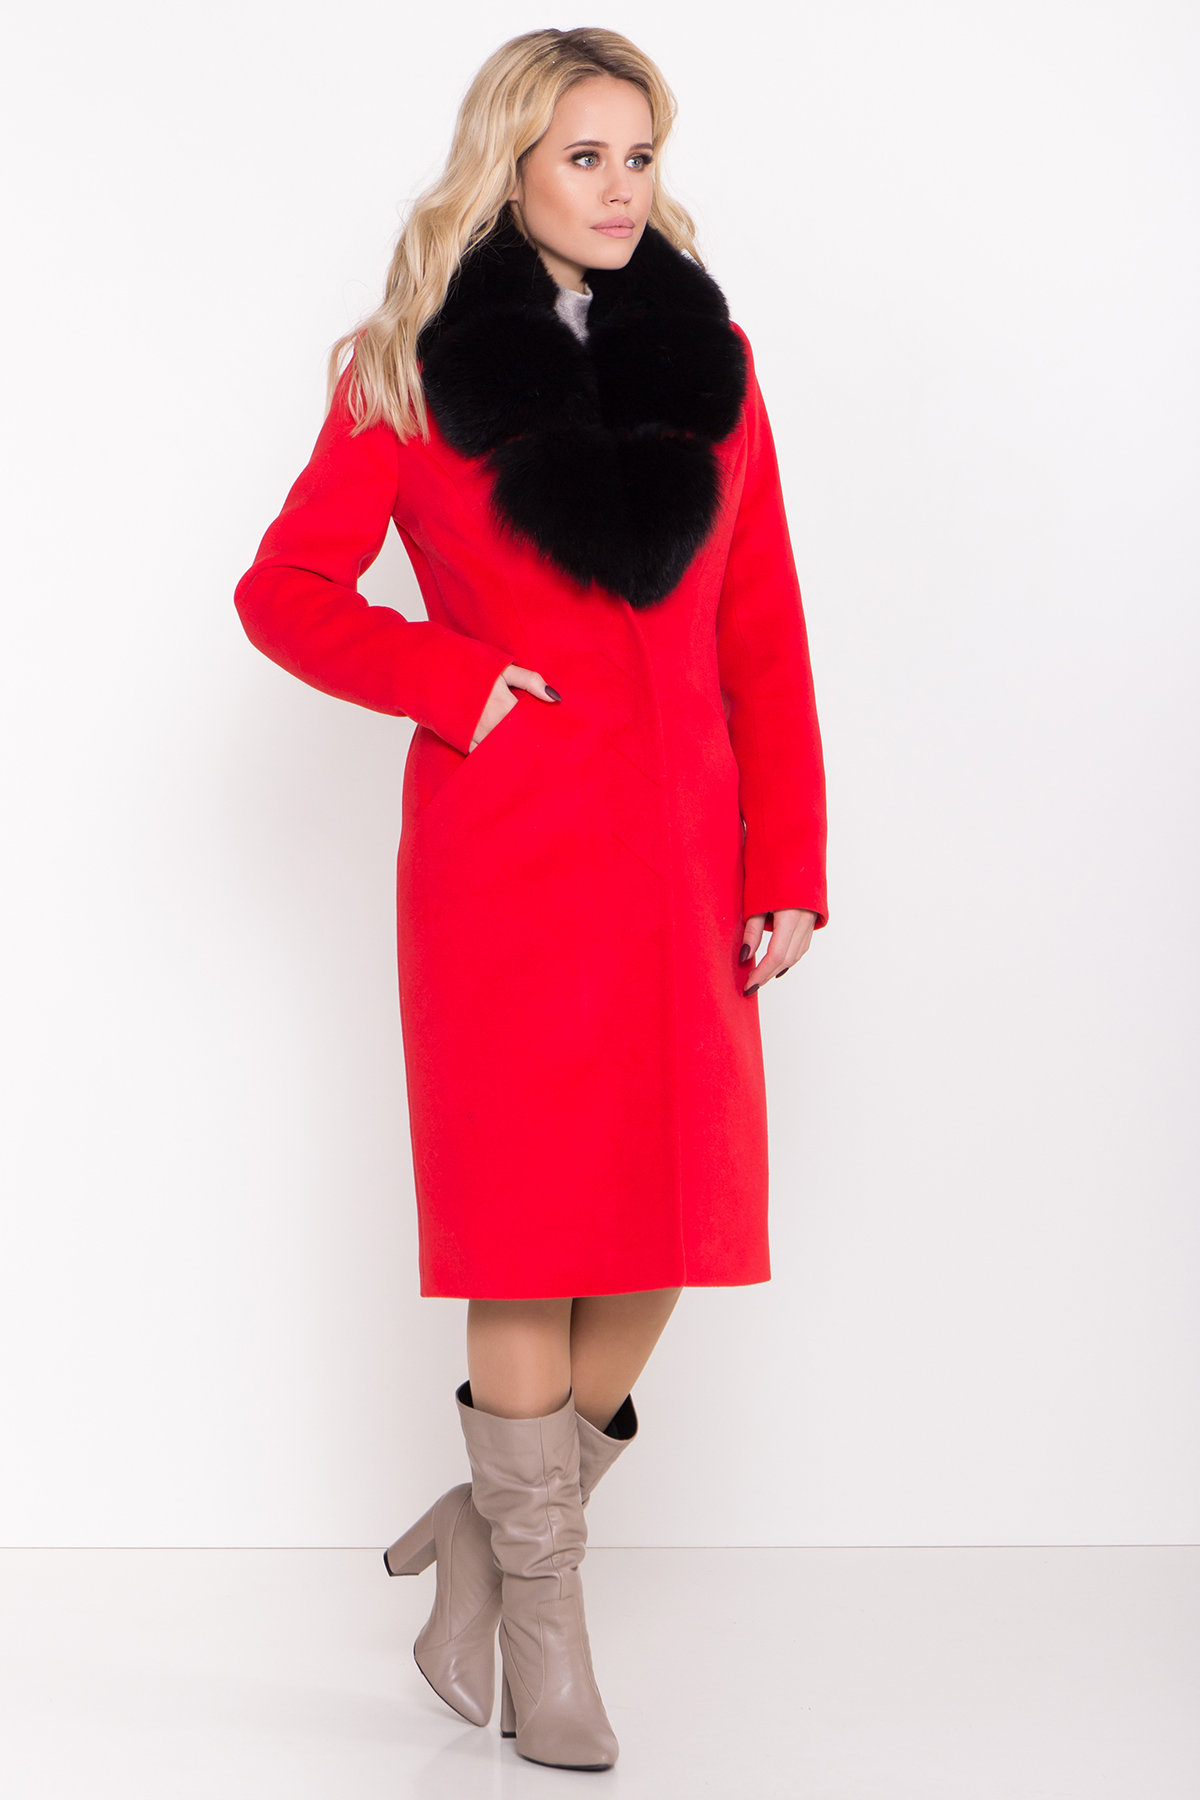 Зимнее пальто с меховым воротником Кареро 8439 АРТ. 44695 Цвет: Красный - фото 3, интернет магазин tm-modus.ru